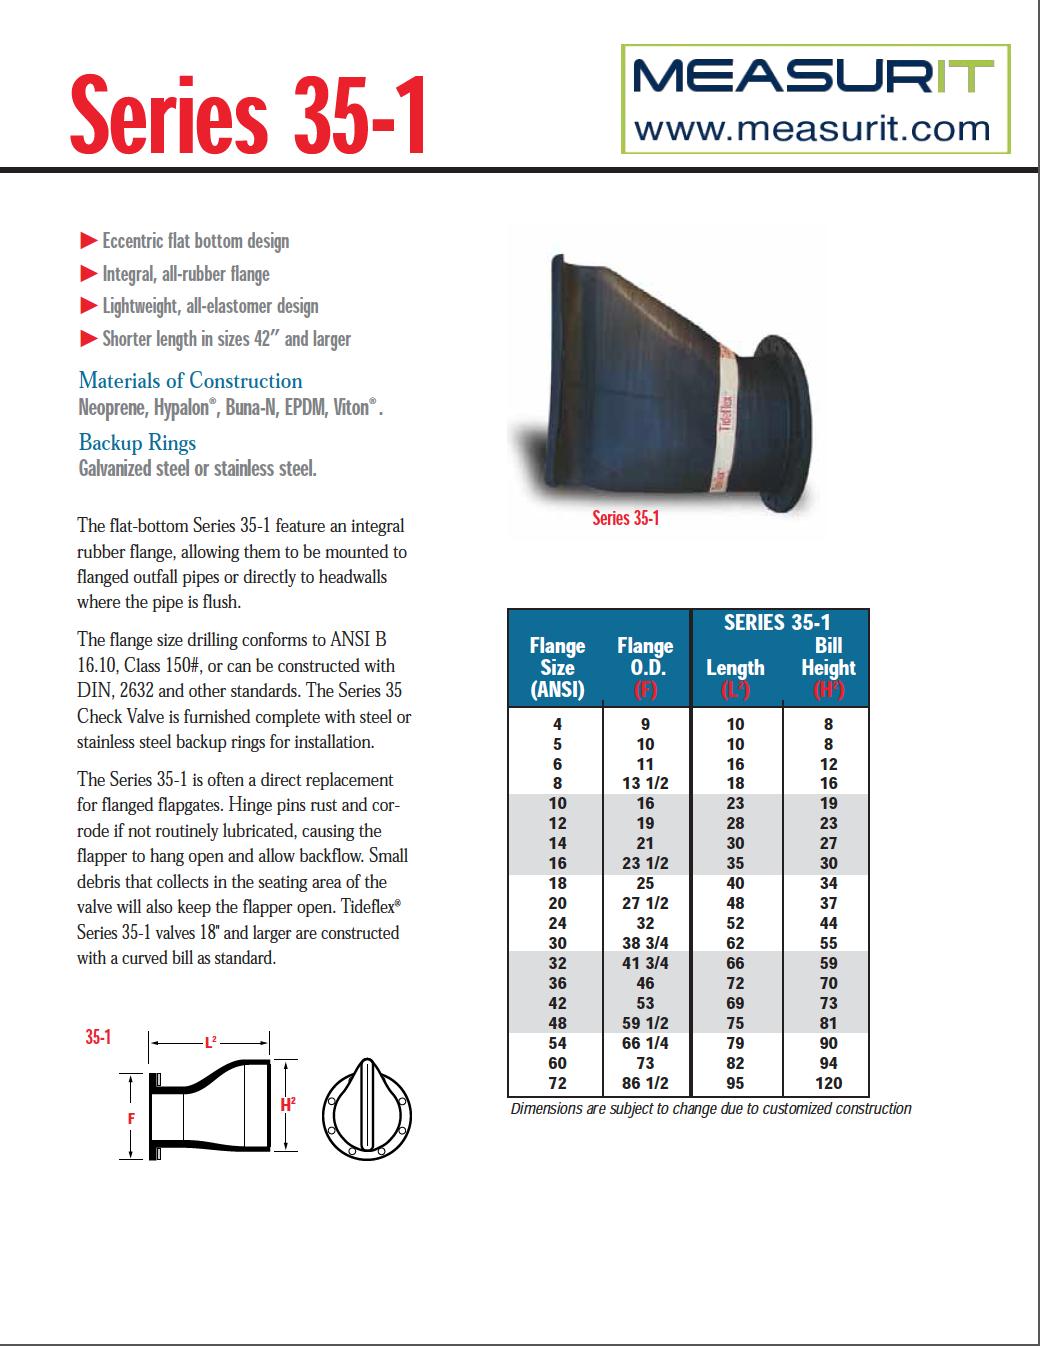 S35-1 valve data sheet